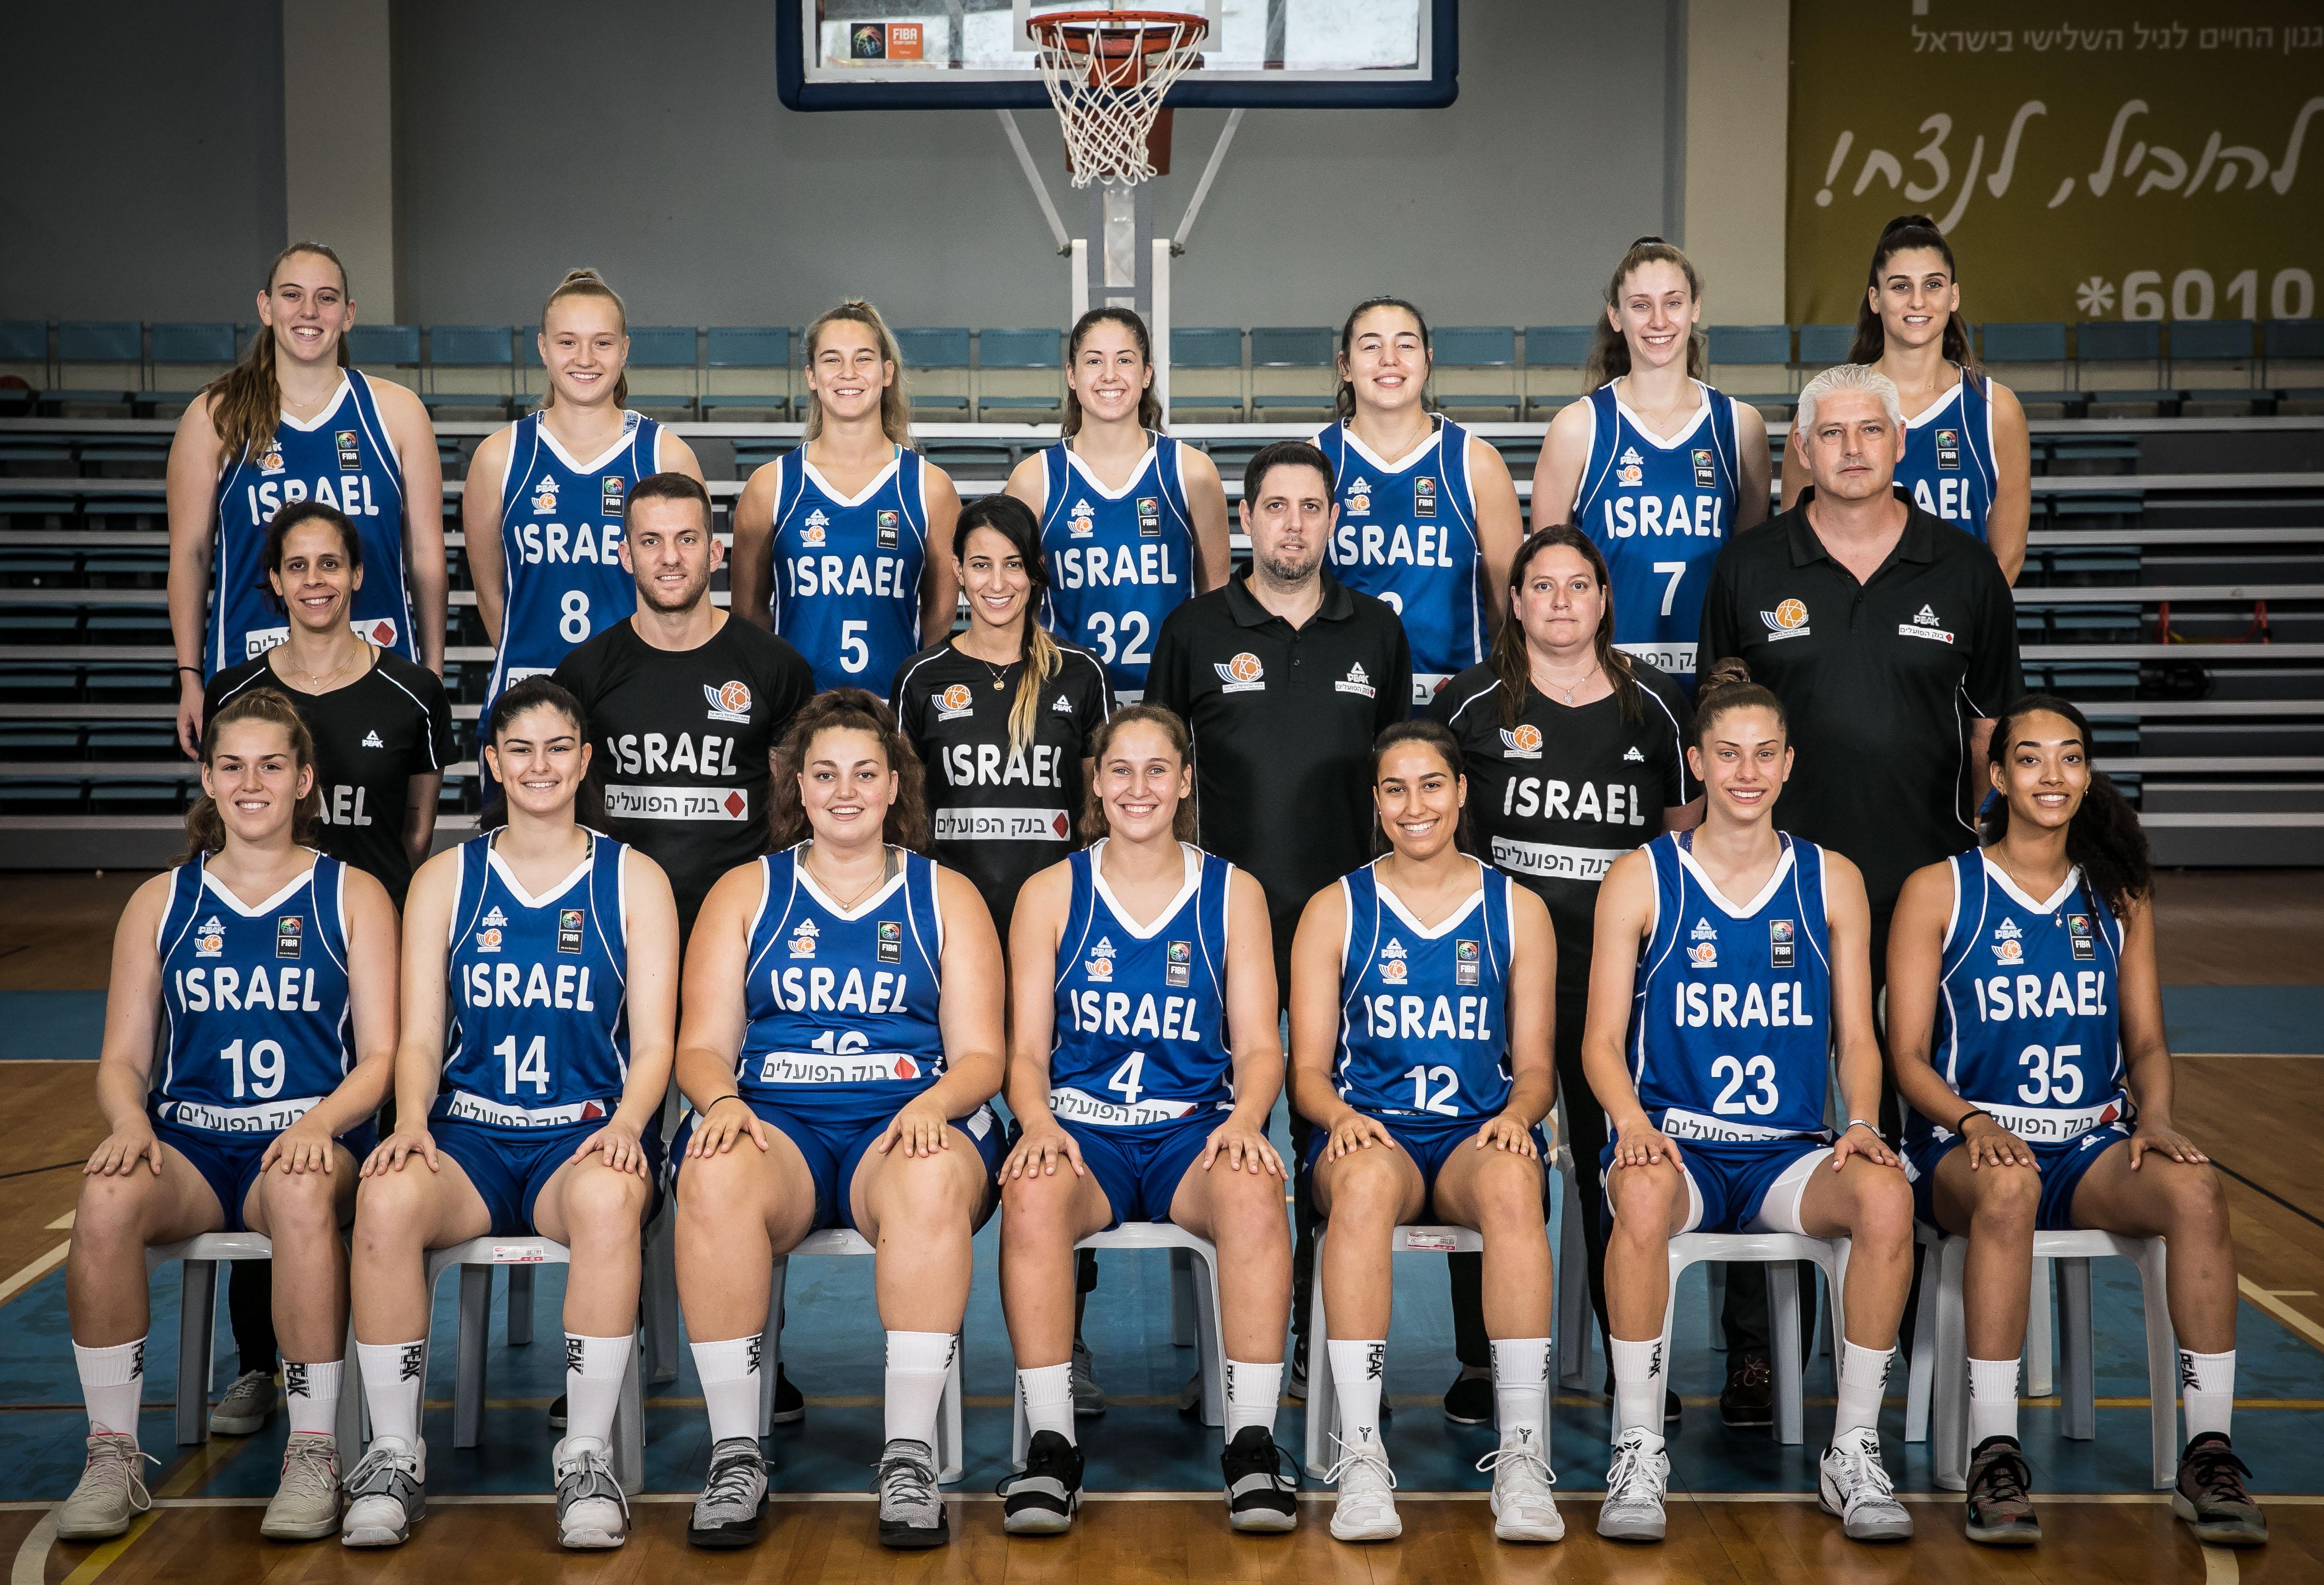 נבחרת העתודה נשים יוצאת למשחקי הכנה בקרואטיה